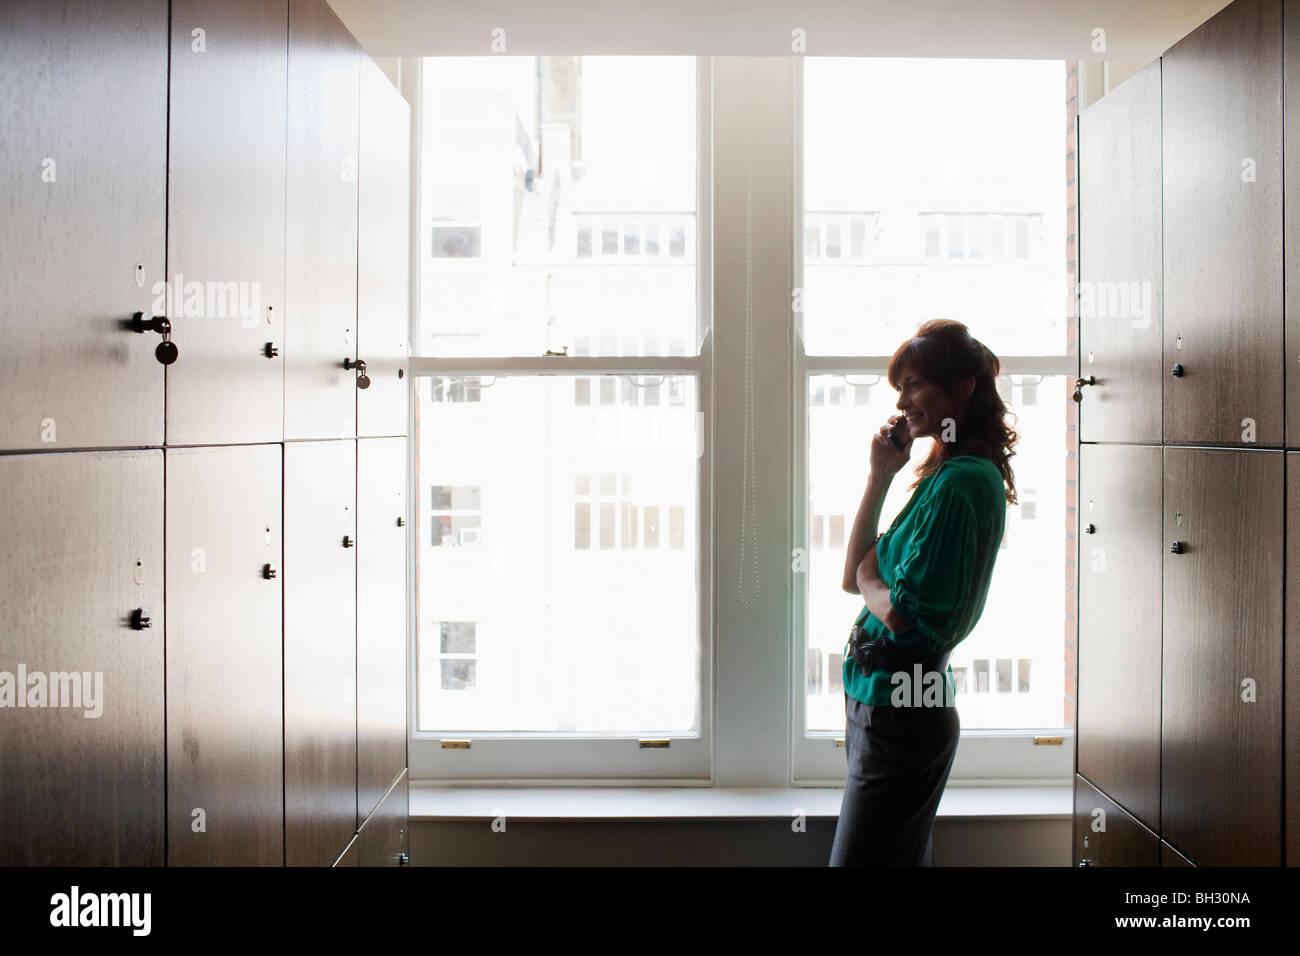 Women in a locker room - Stock Image